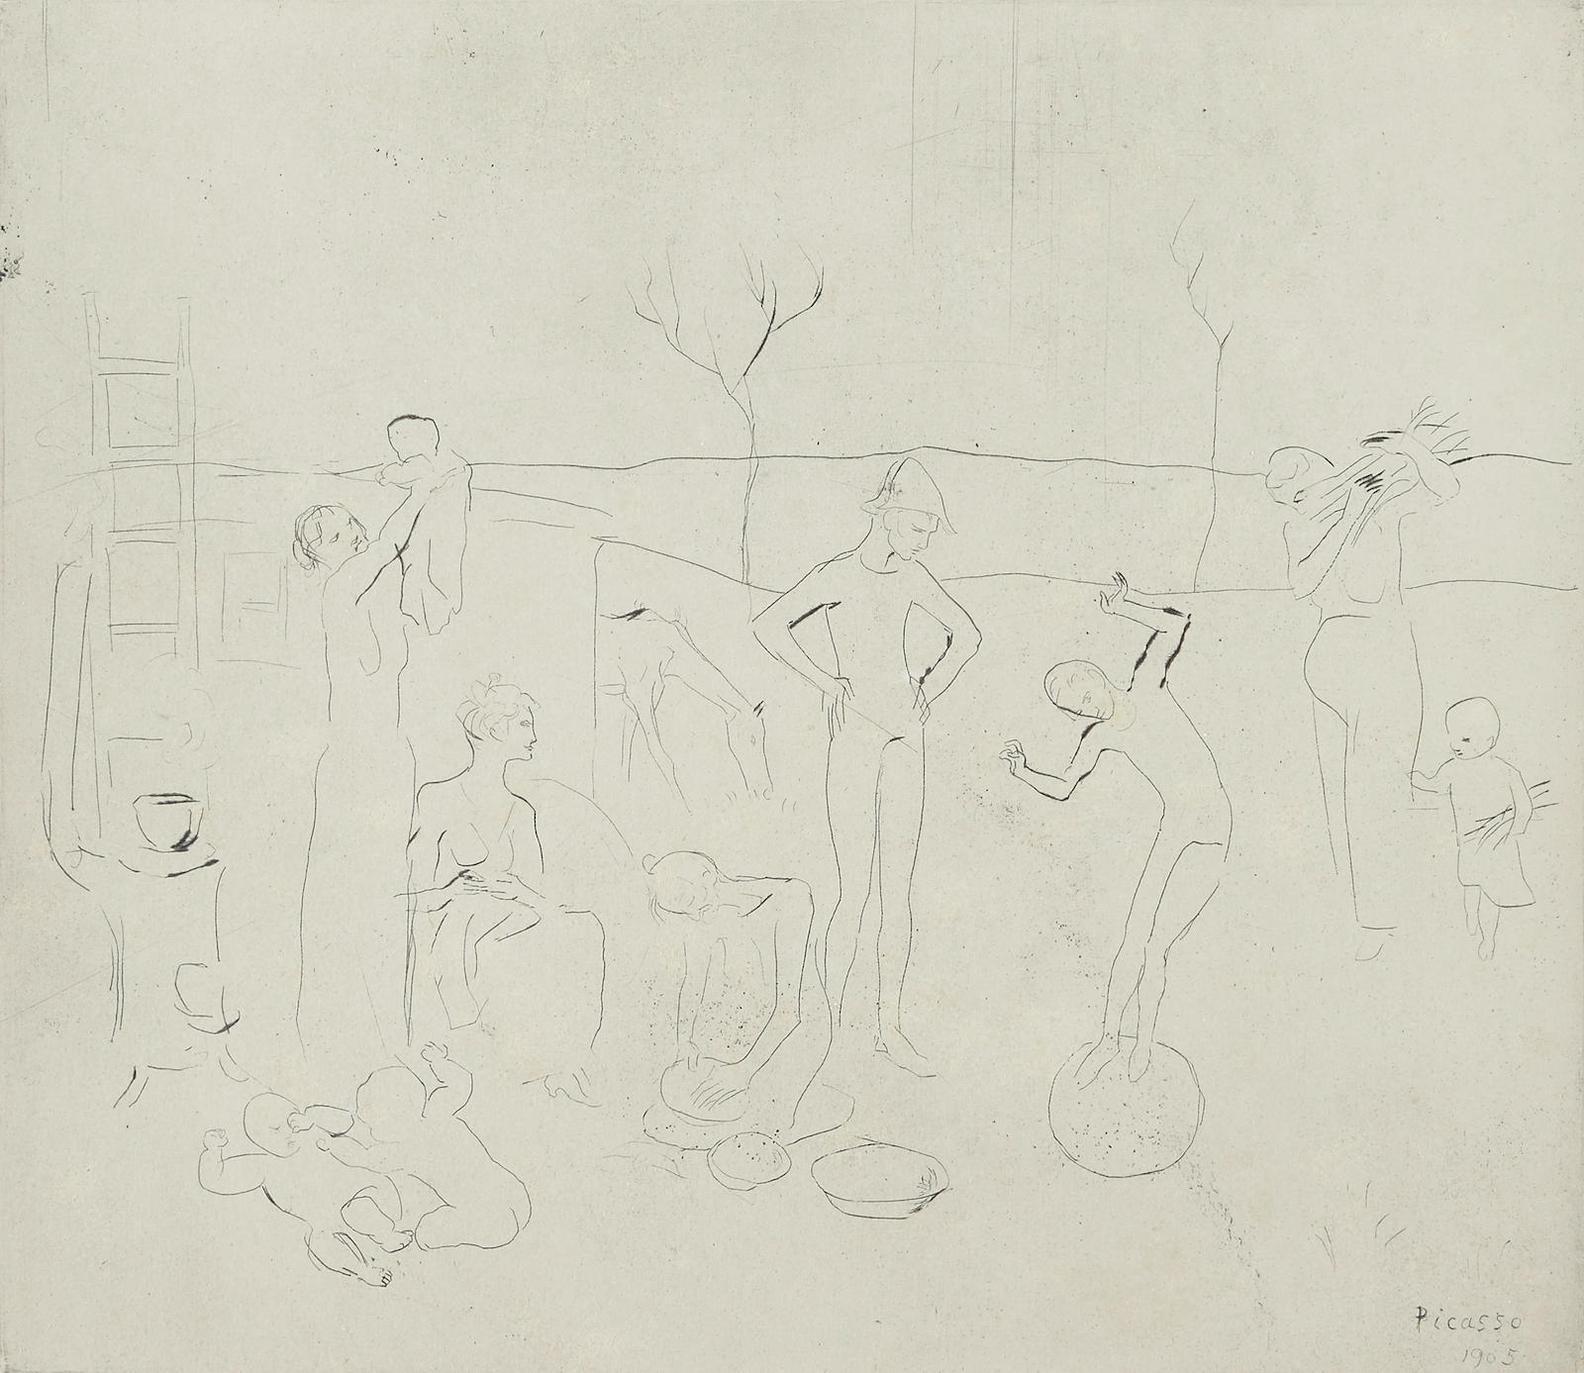 Pablo Picasso-Les Saltimbanques (From La Suite Des Saltimbanques) (B. 7, Ba.9)-1905